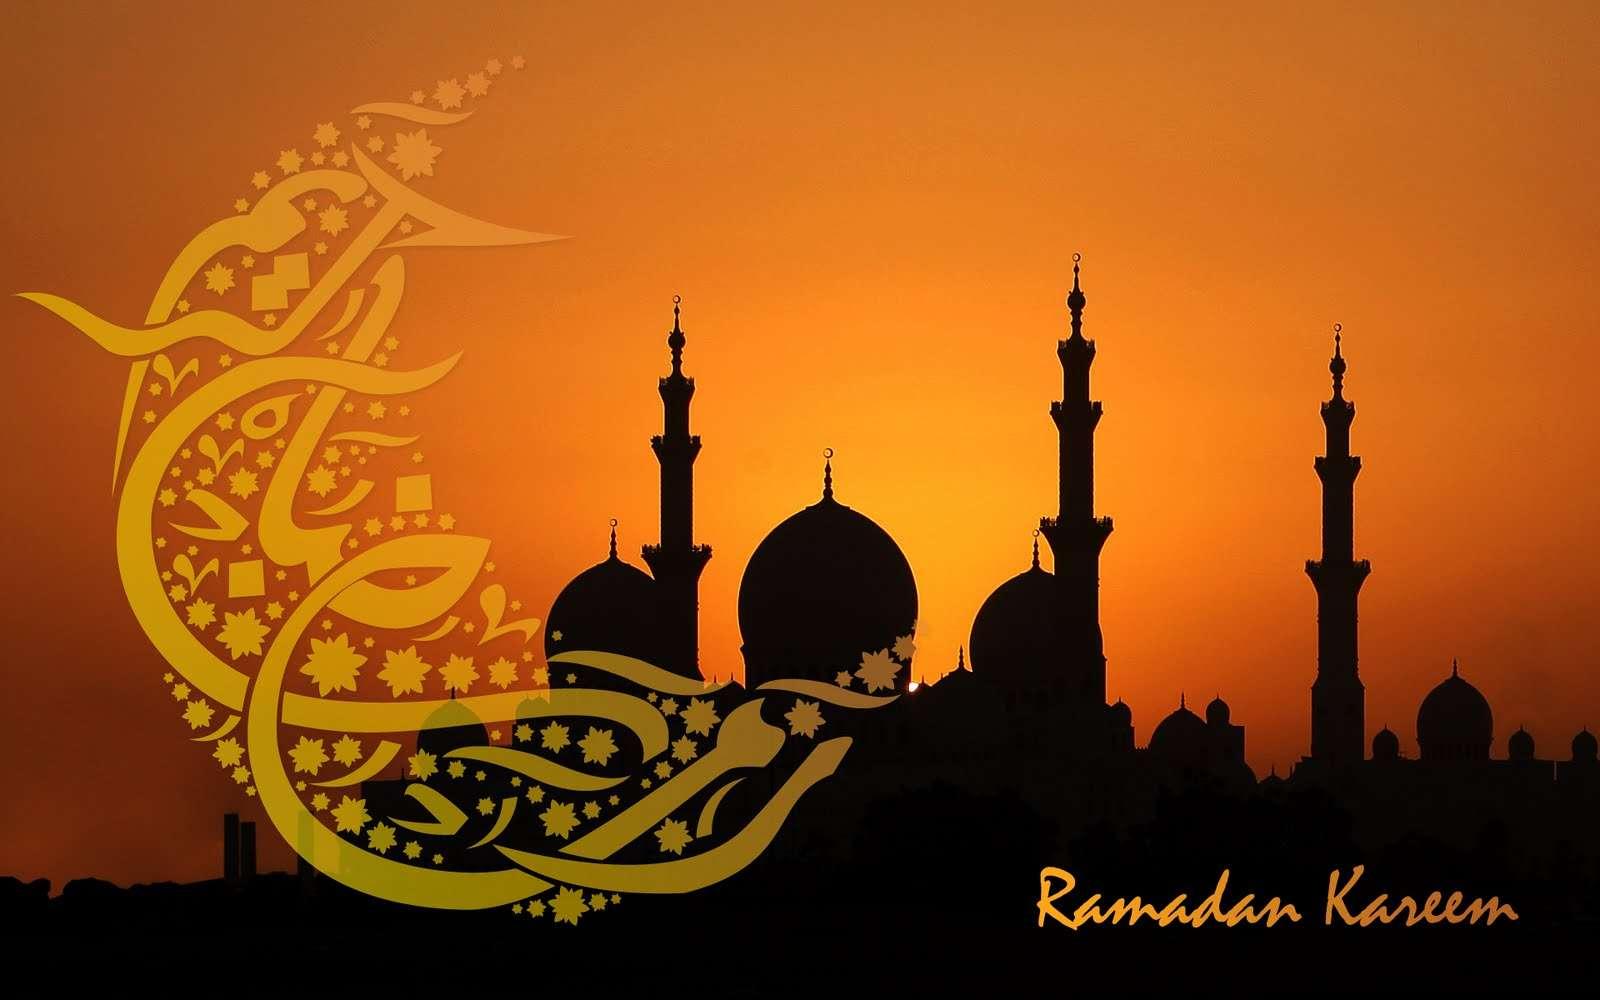 ks0de رمزيات رمضان انستقرام 2015 1436 Instagram photos for tag #رمضان